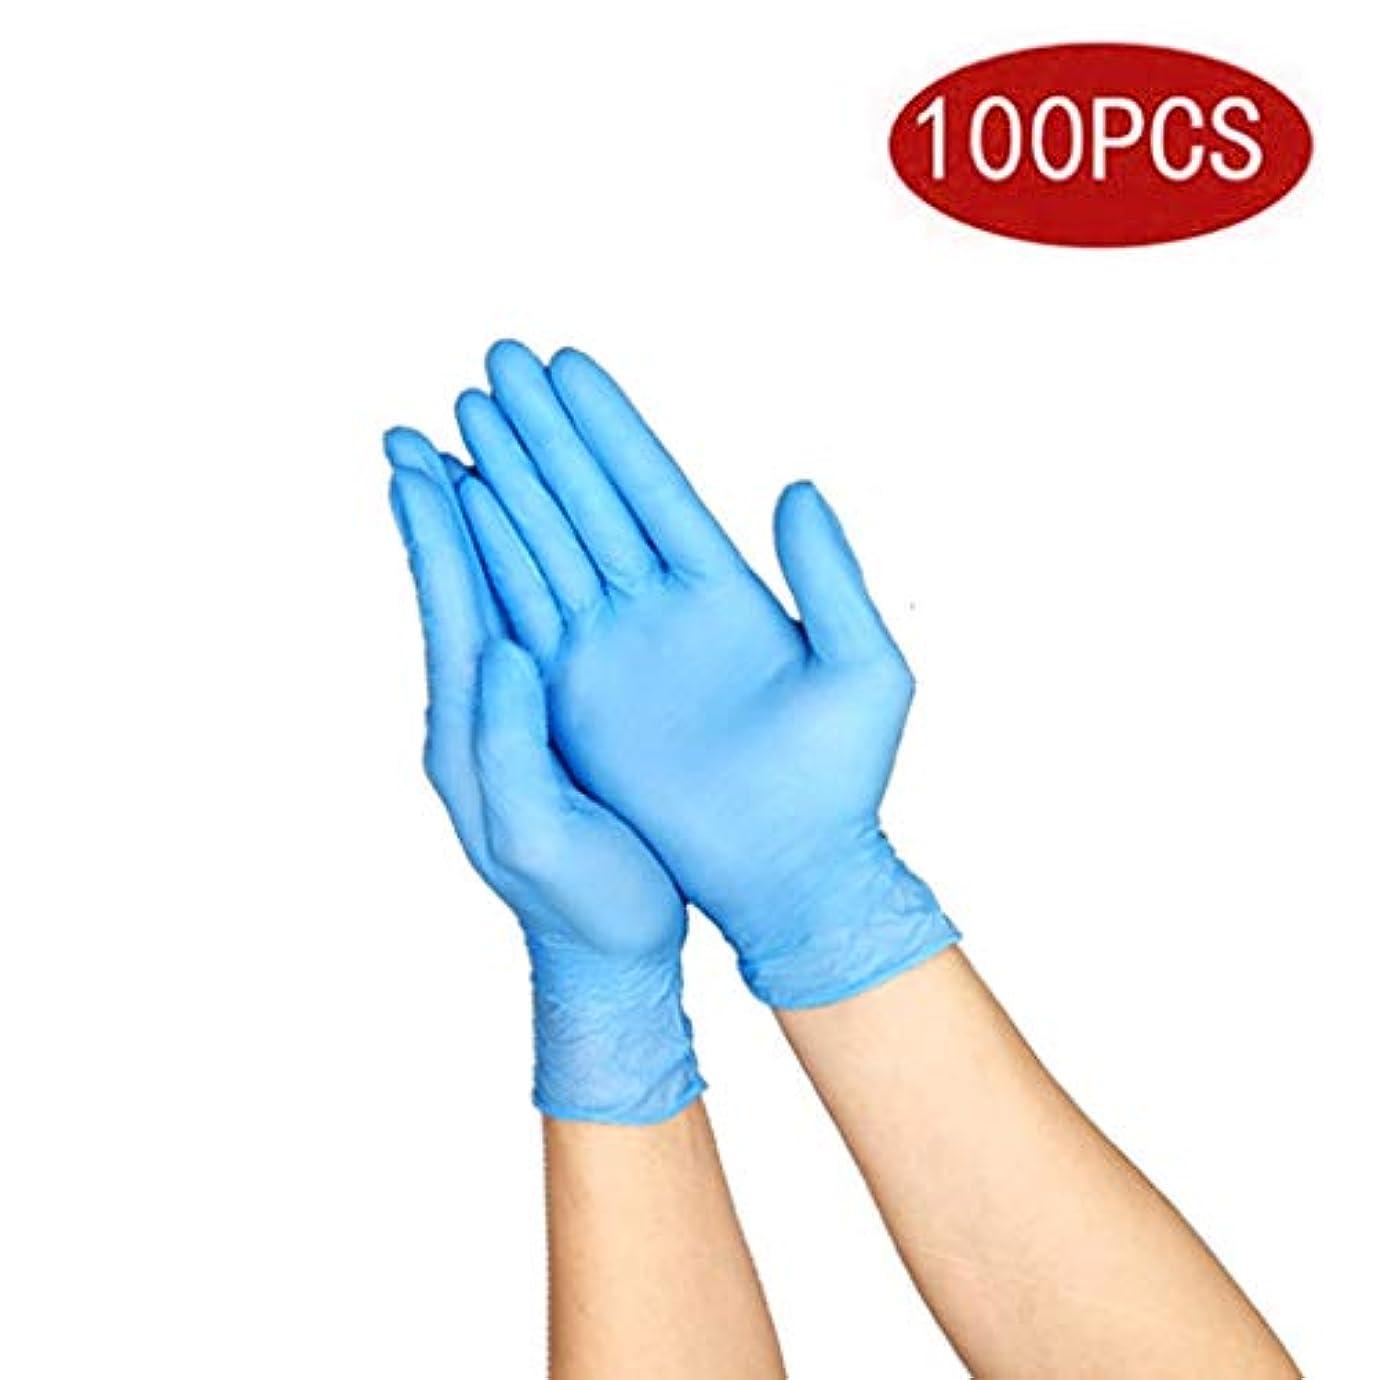 キャリッジ曖昧なキラウエア山9インチ使い捨てニトリル手袋ラテックス手袋100のラバー食品グレードホームペットケアボックス (Size : L)